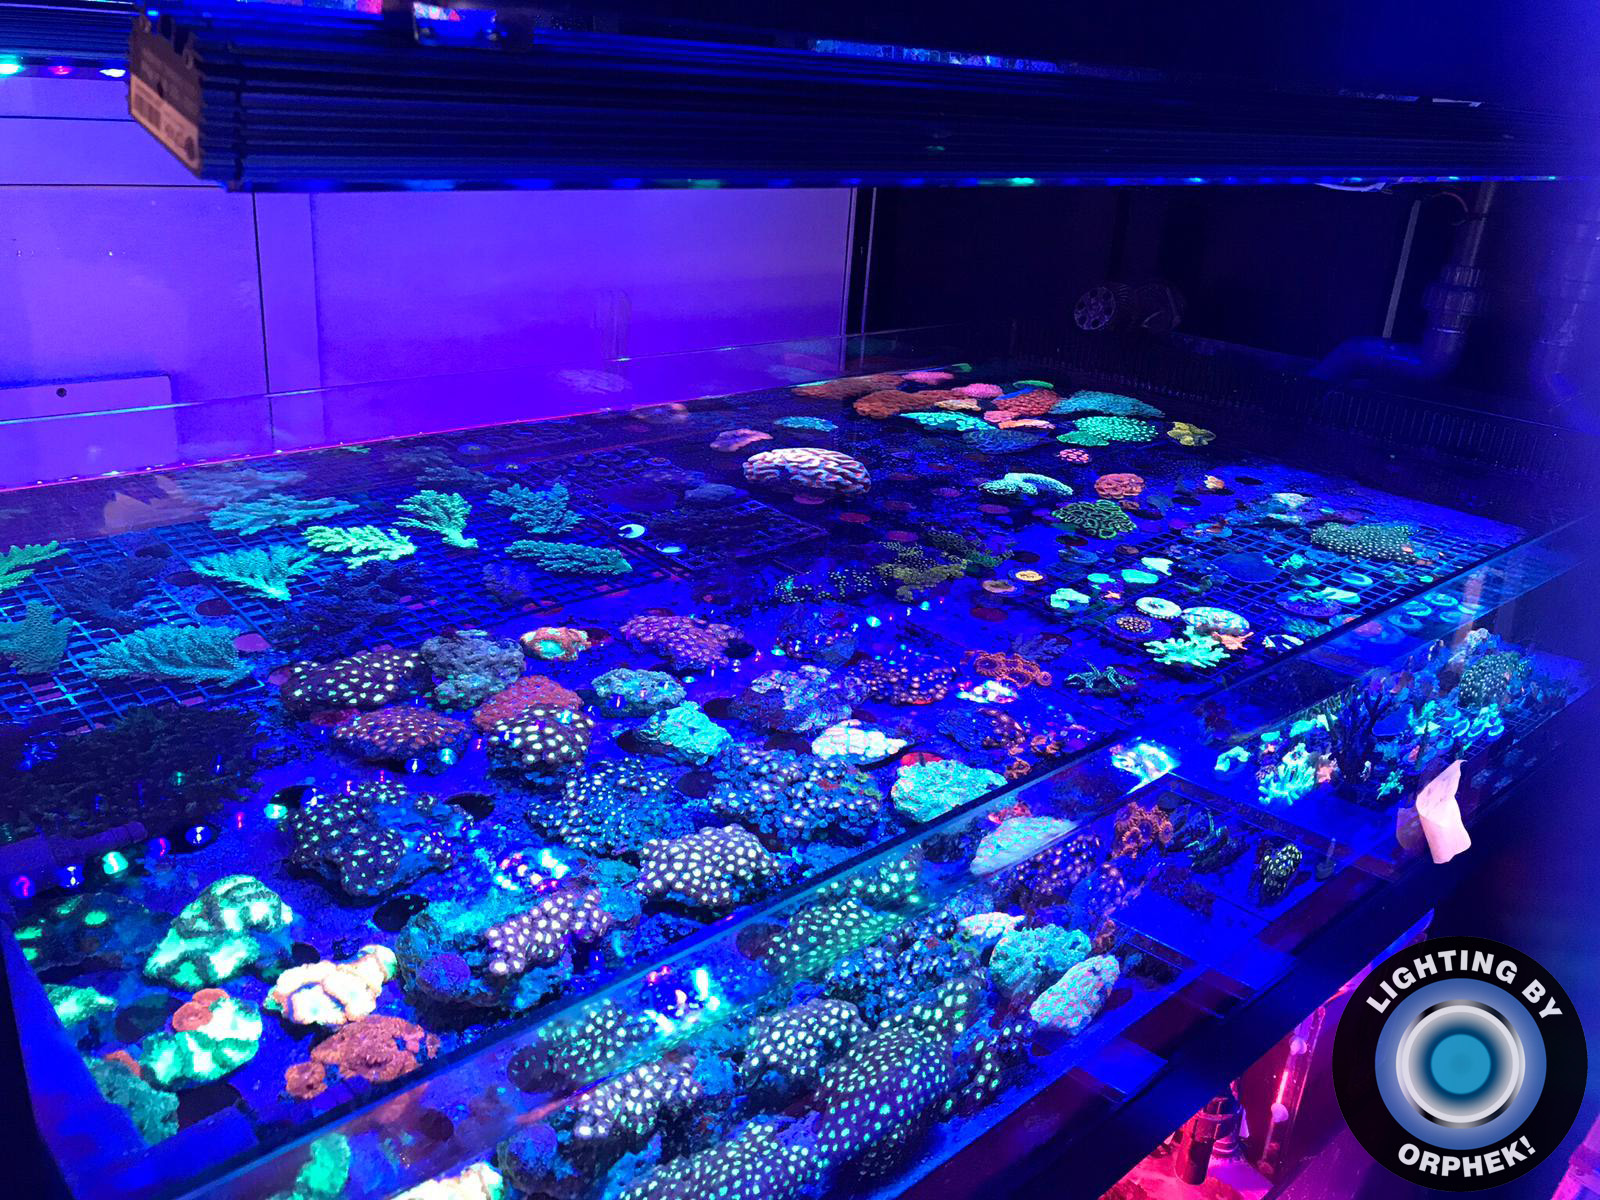 최고의 암초 산호 수족관 조명 2020